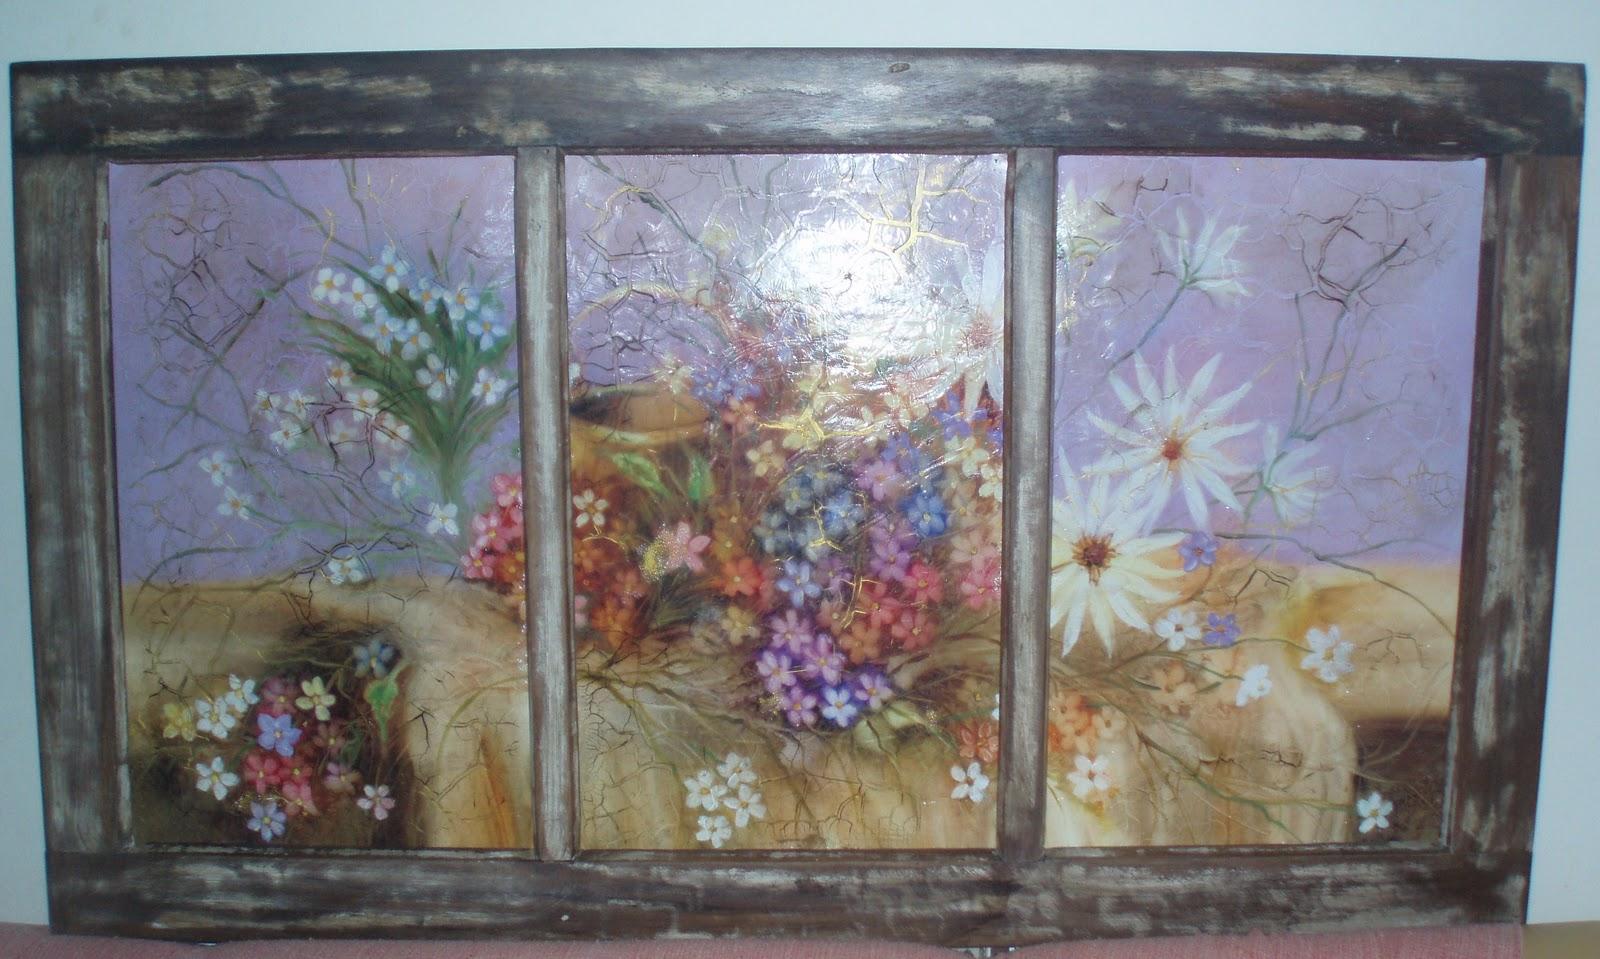 #77664A  Arte em espelhos vidros e demolição: JANELA DE DEMOLIÇÃO 1576 Vidros Em Janelas De Madeira